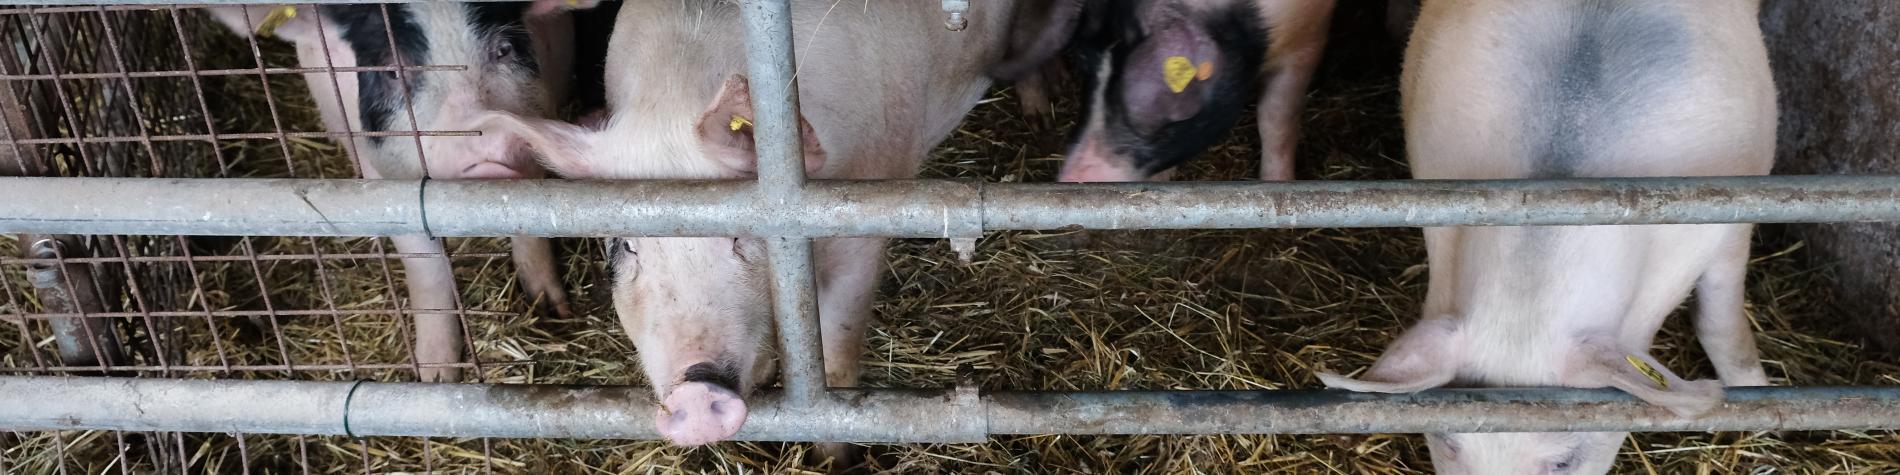 Biofarm - La Ferme des Frênes - Cens - Vue de l'étable aux cochons